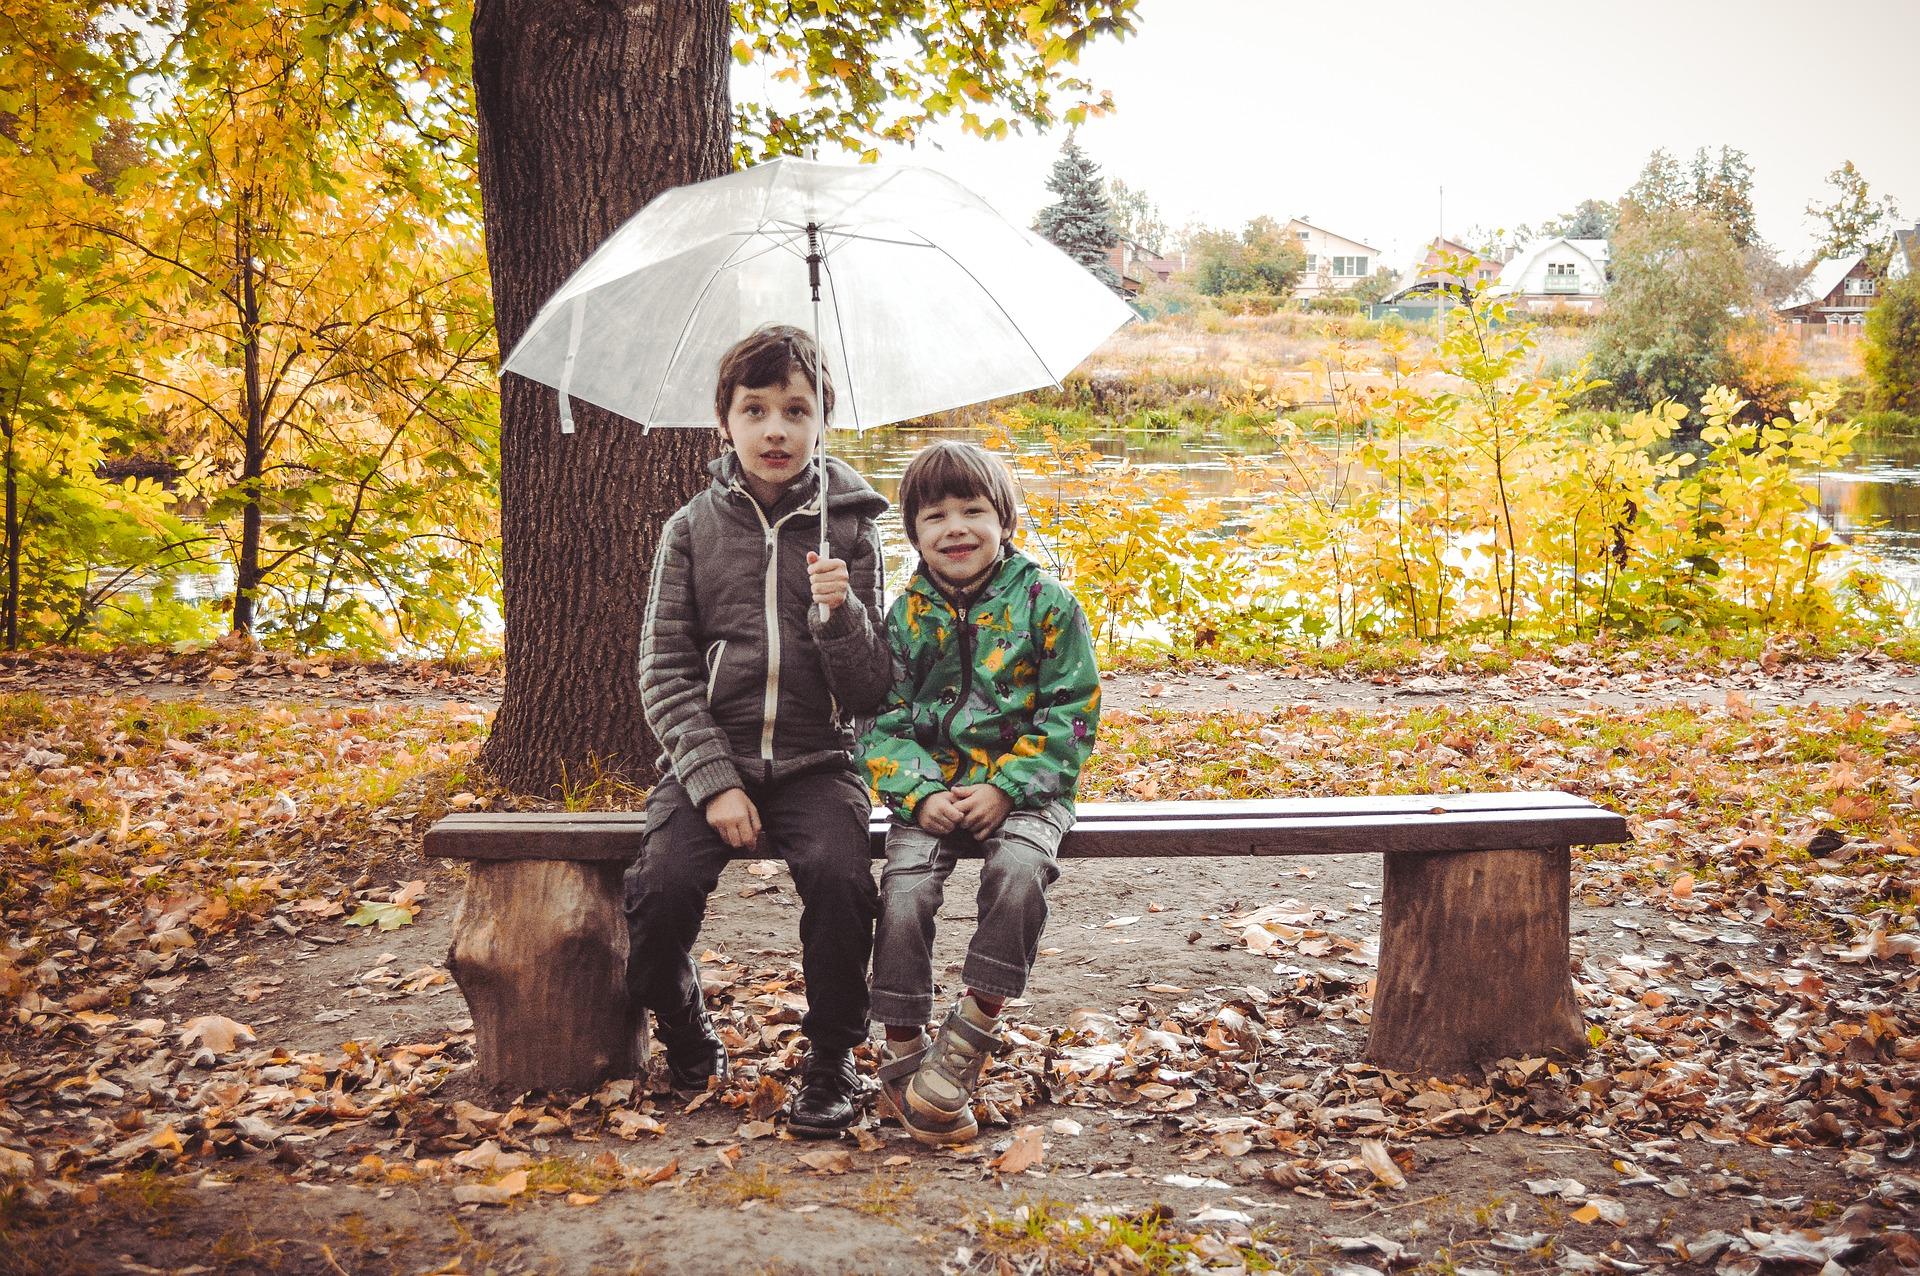 umbrella-4508003_1920